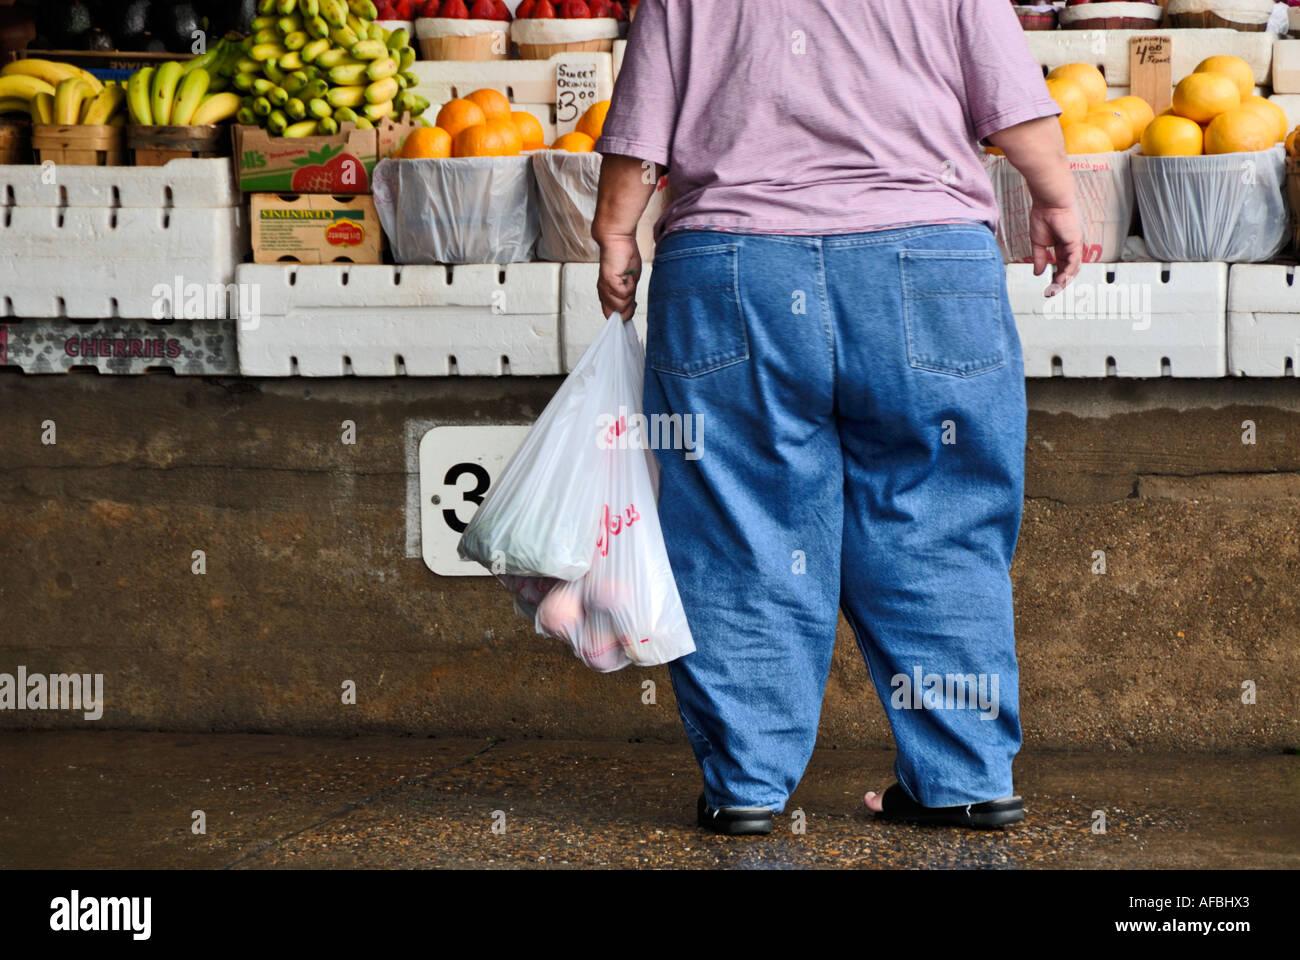 Heavy donna alla frutta stand Immagini Stock